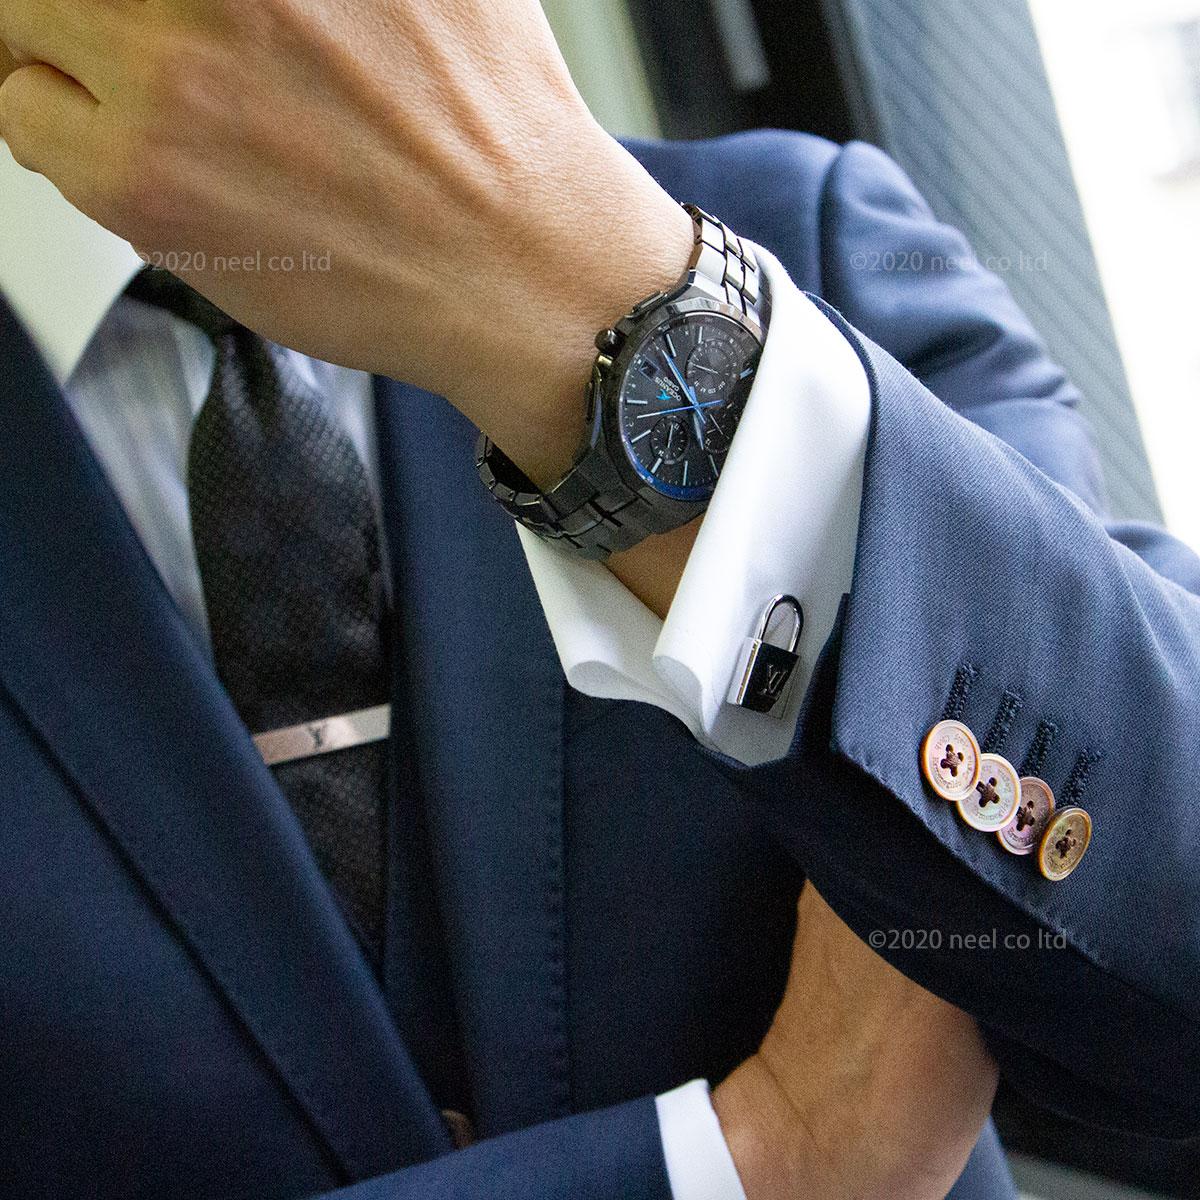 オシアナス マンタ 電波ソーラー 腕時計 メンズ OCW-S5000B-1AJF カシオ